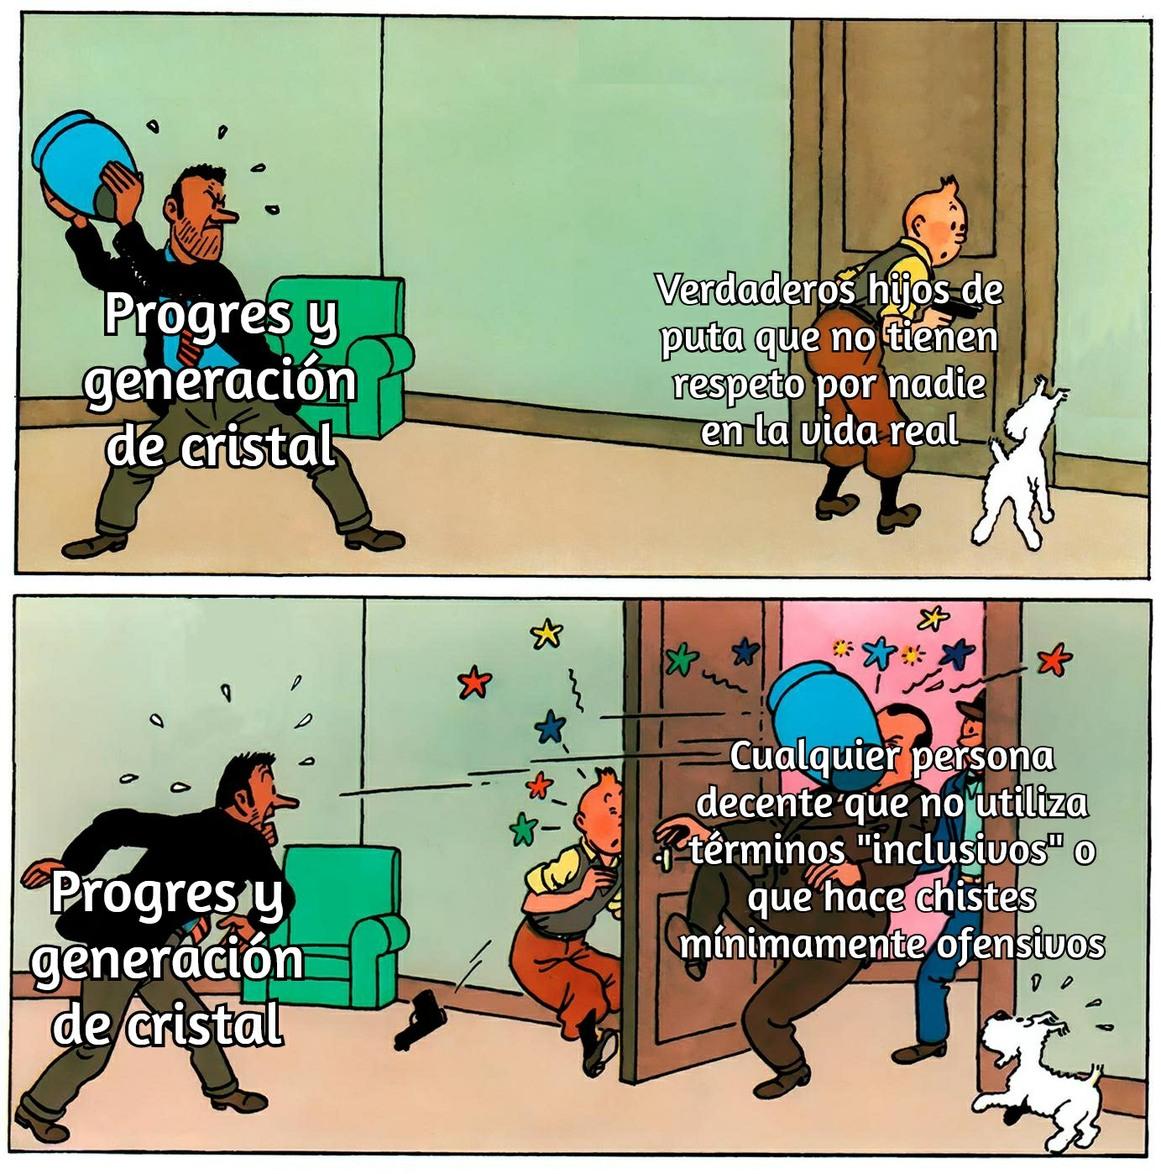 El jarrón serían funas en redes sociales - meme